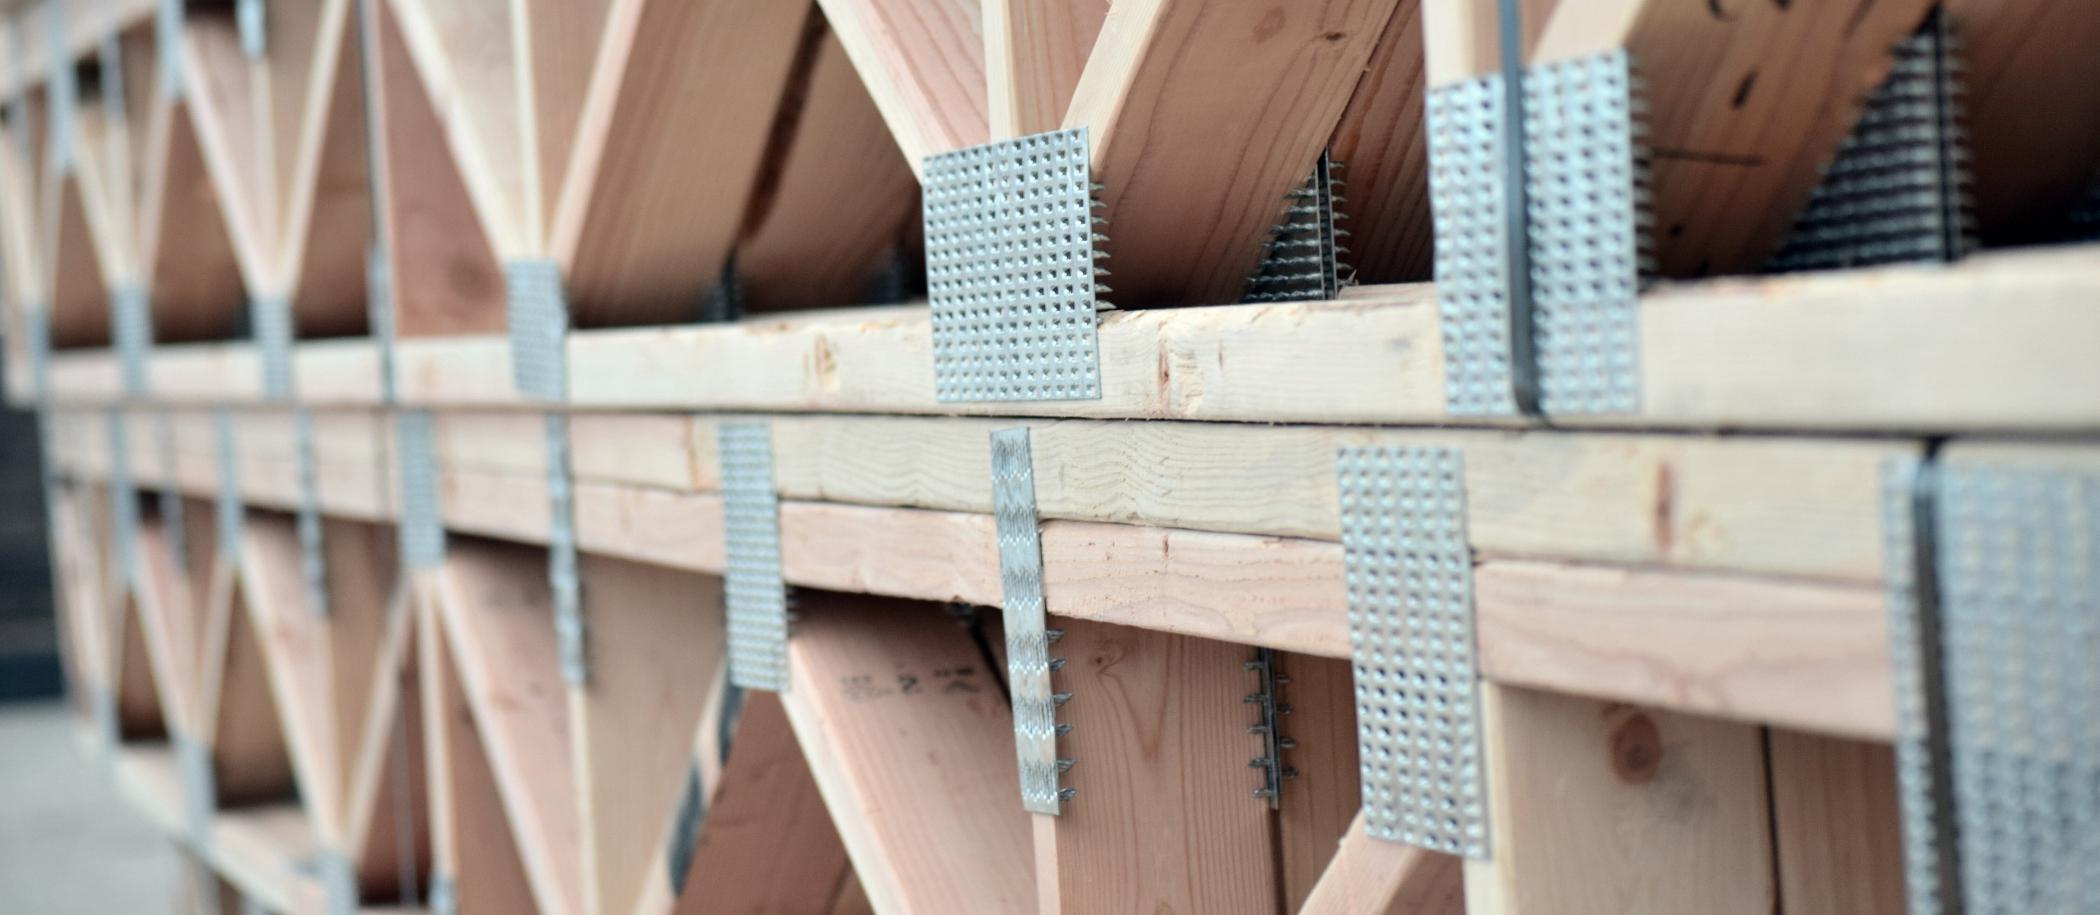 design build firms slide 2